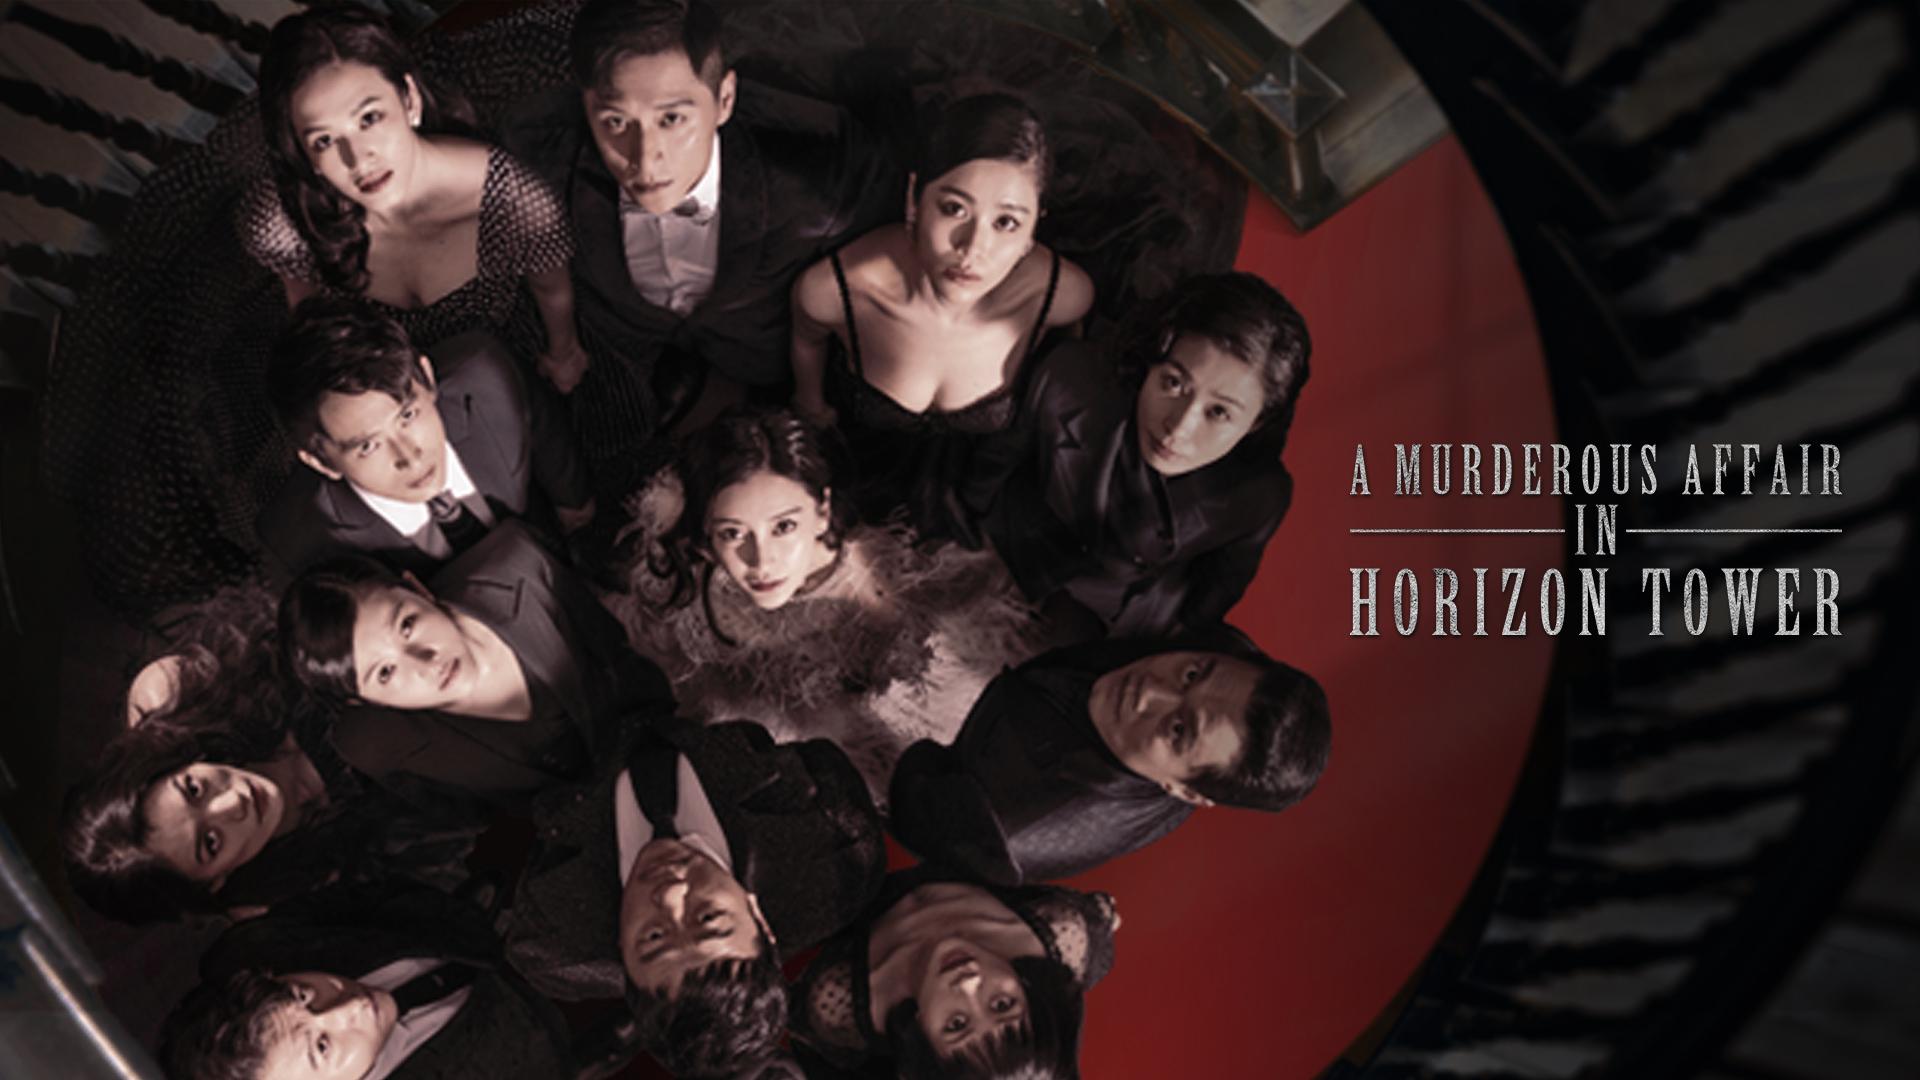 A Murderous Affair in Horizon Tower - Season 1